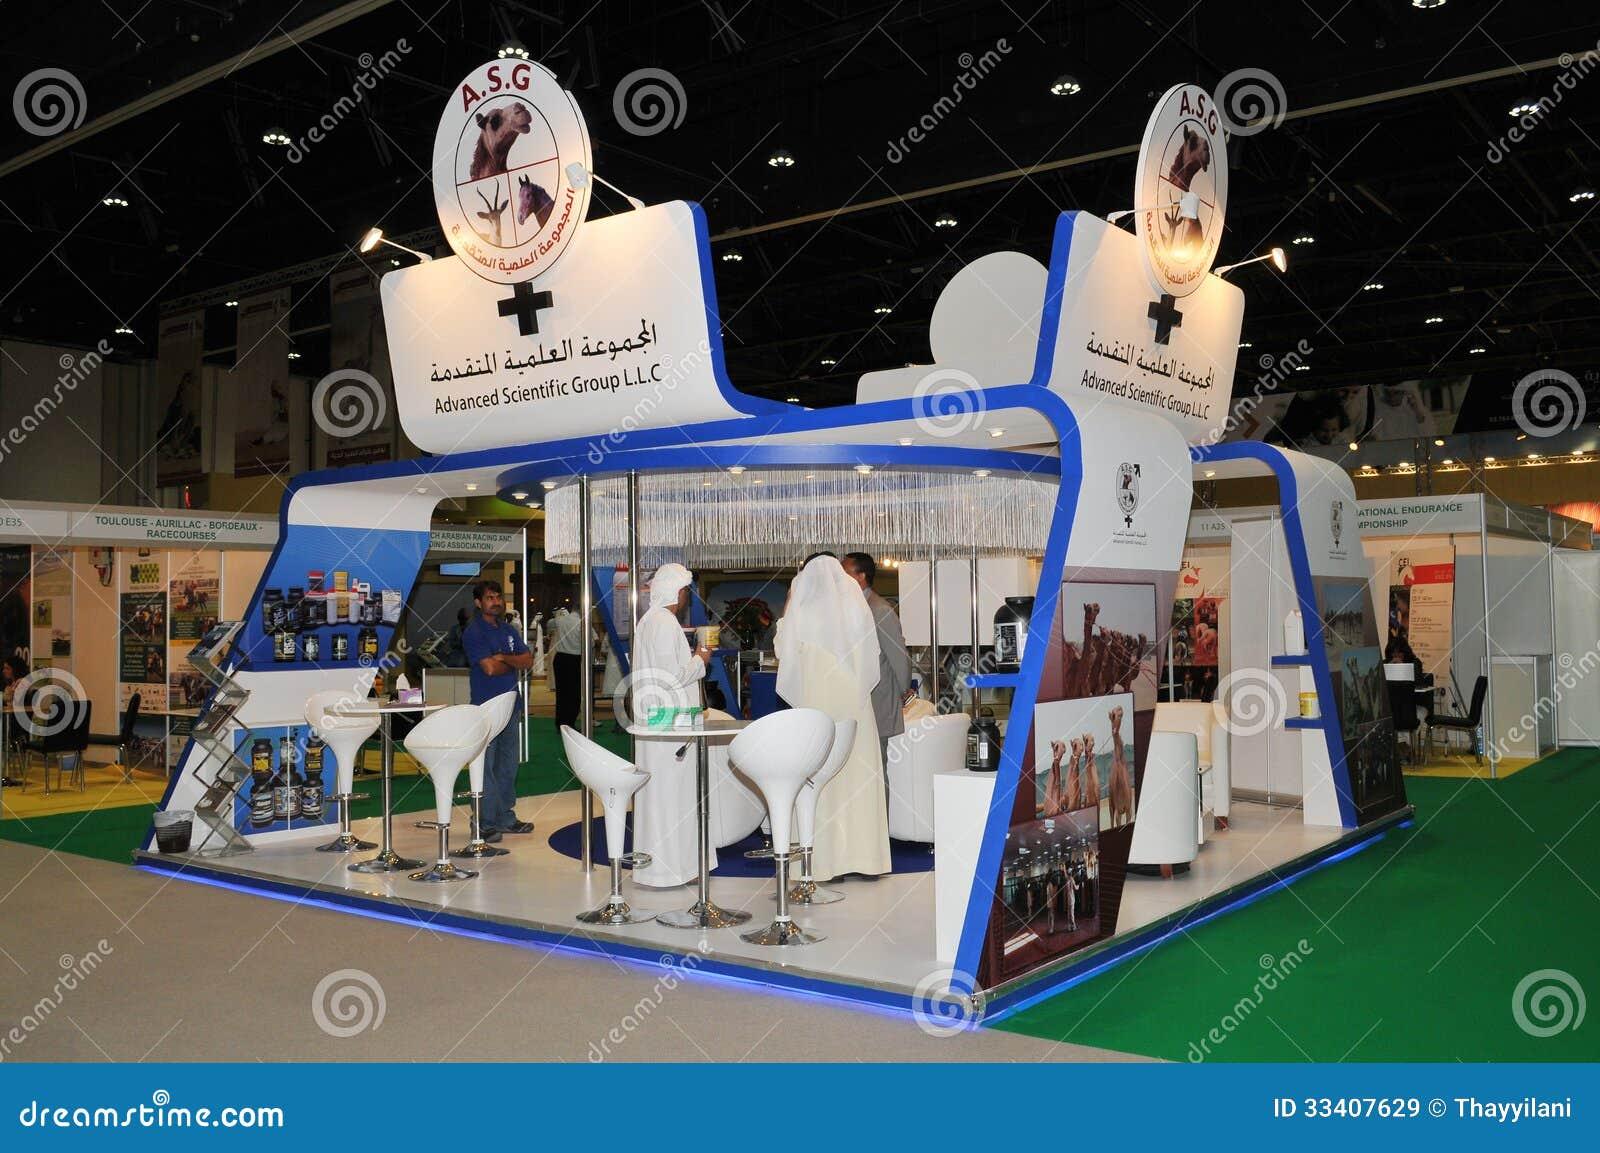 Abu Dhabi International Hunting en Ruitertentoonstelling (ADIHEX) - Geavanceerd Wetenschappelijk Groepspaviljoen